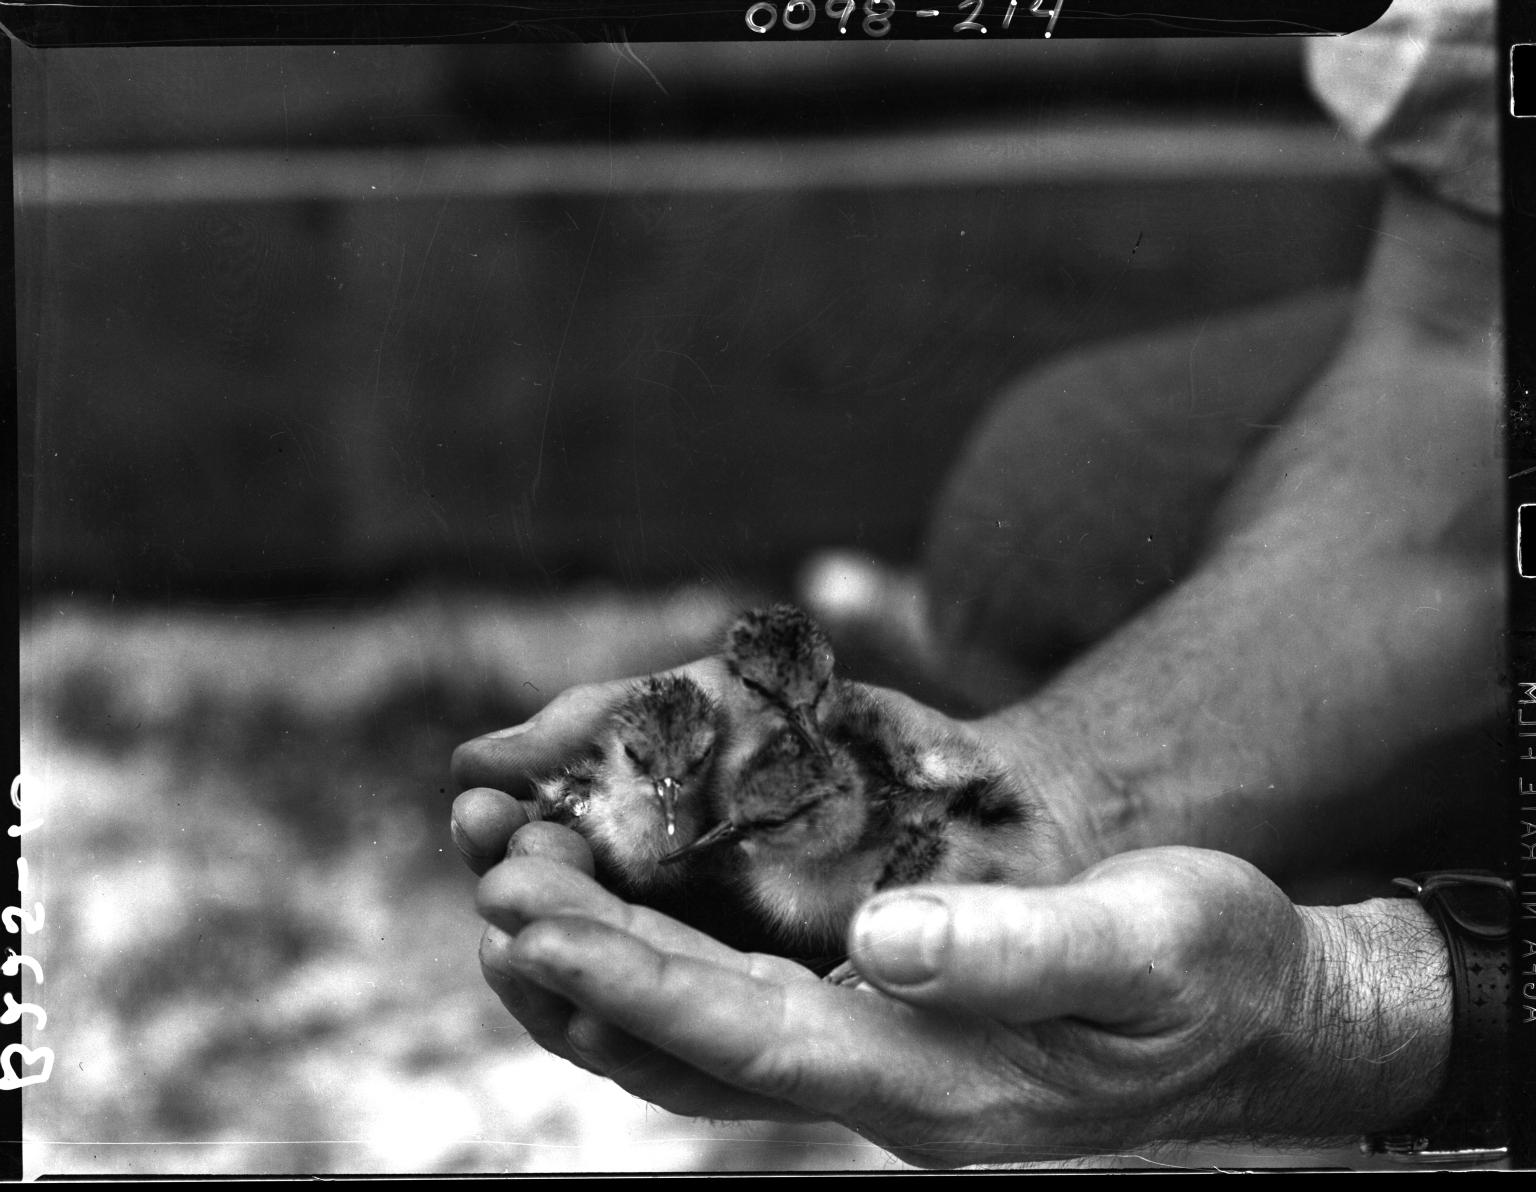 Avocet chicks in hands